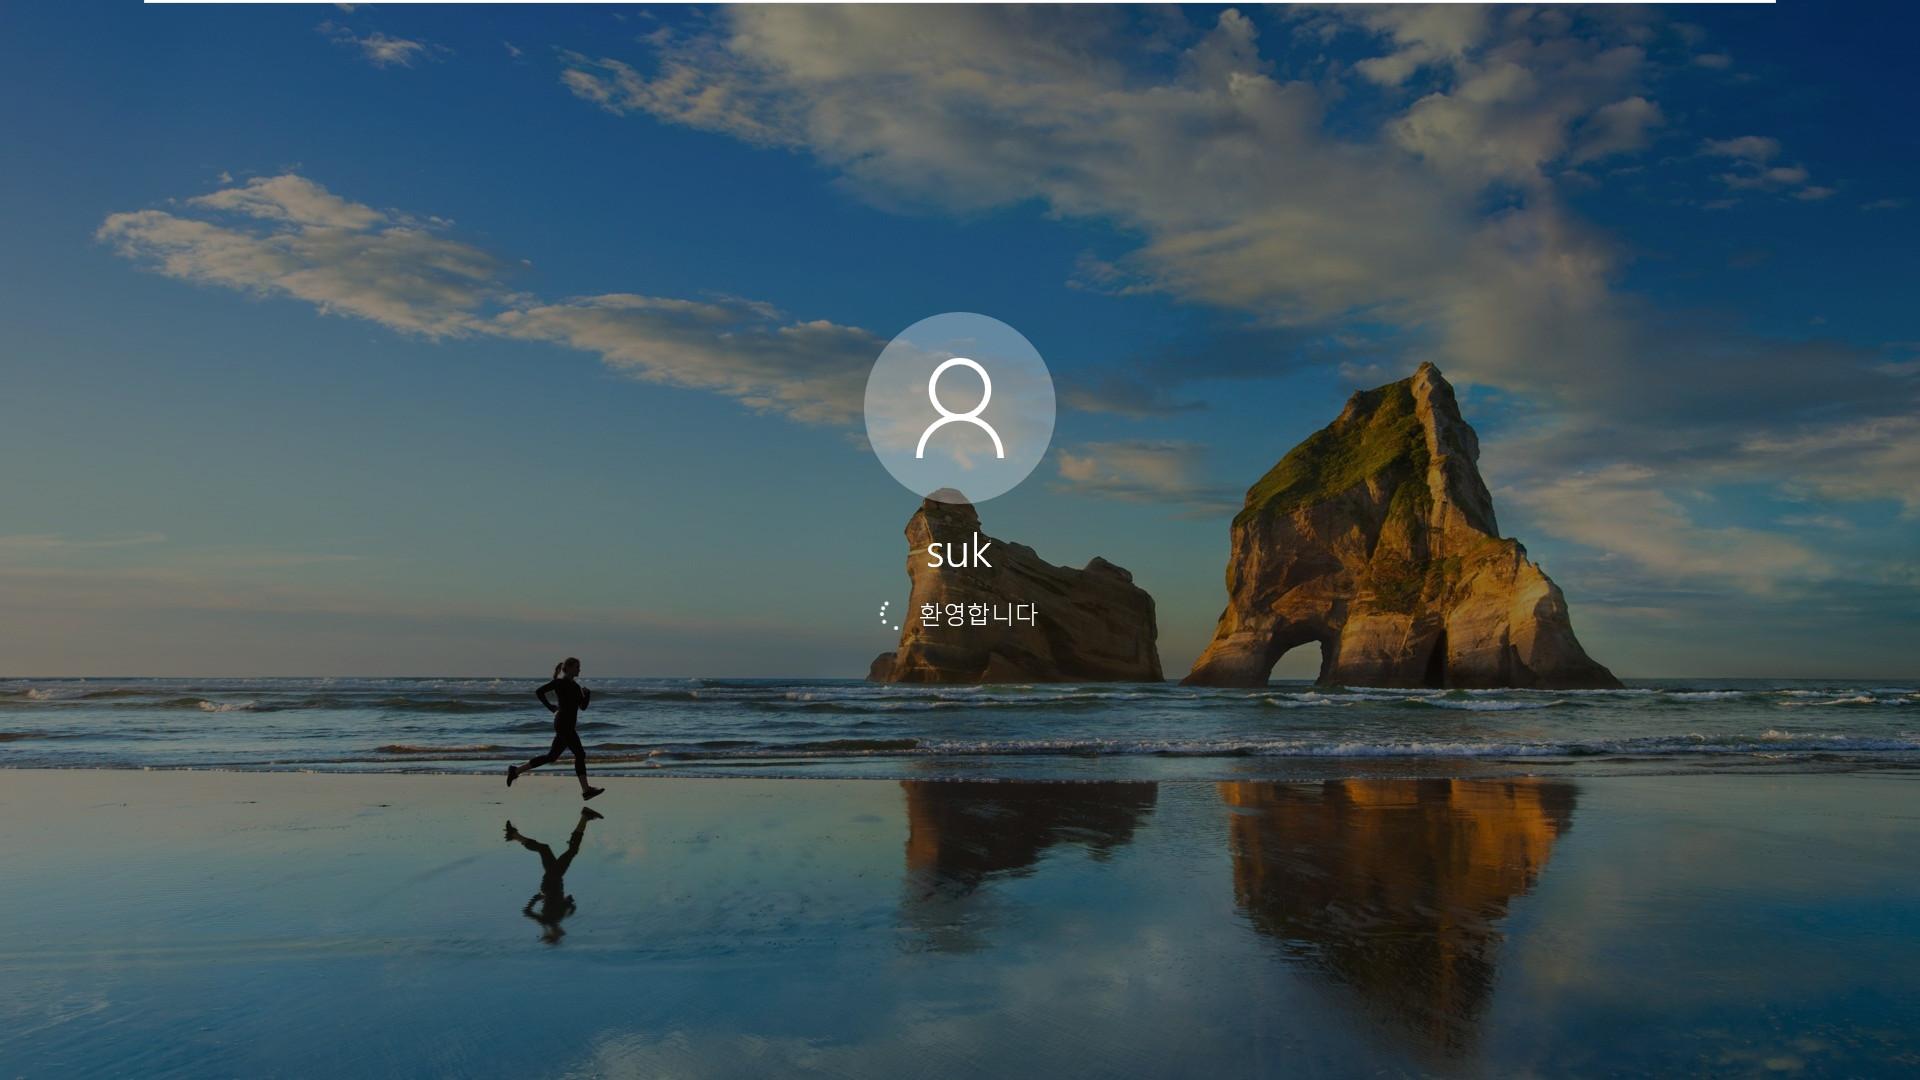 imageres.dll적용 테스트 - Windows 10 ROG EDITION 2020 v7 [+ v1809 + Win7 + 제어판 아이콘 변경] 2021-05-02_005126.jpg